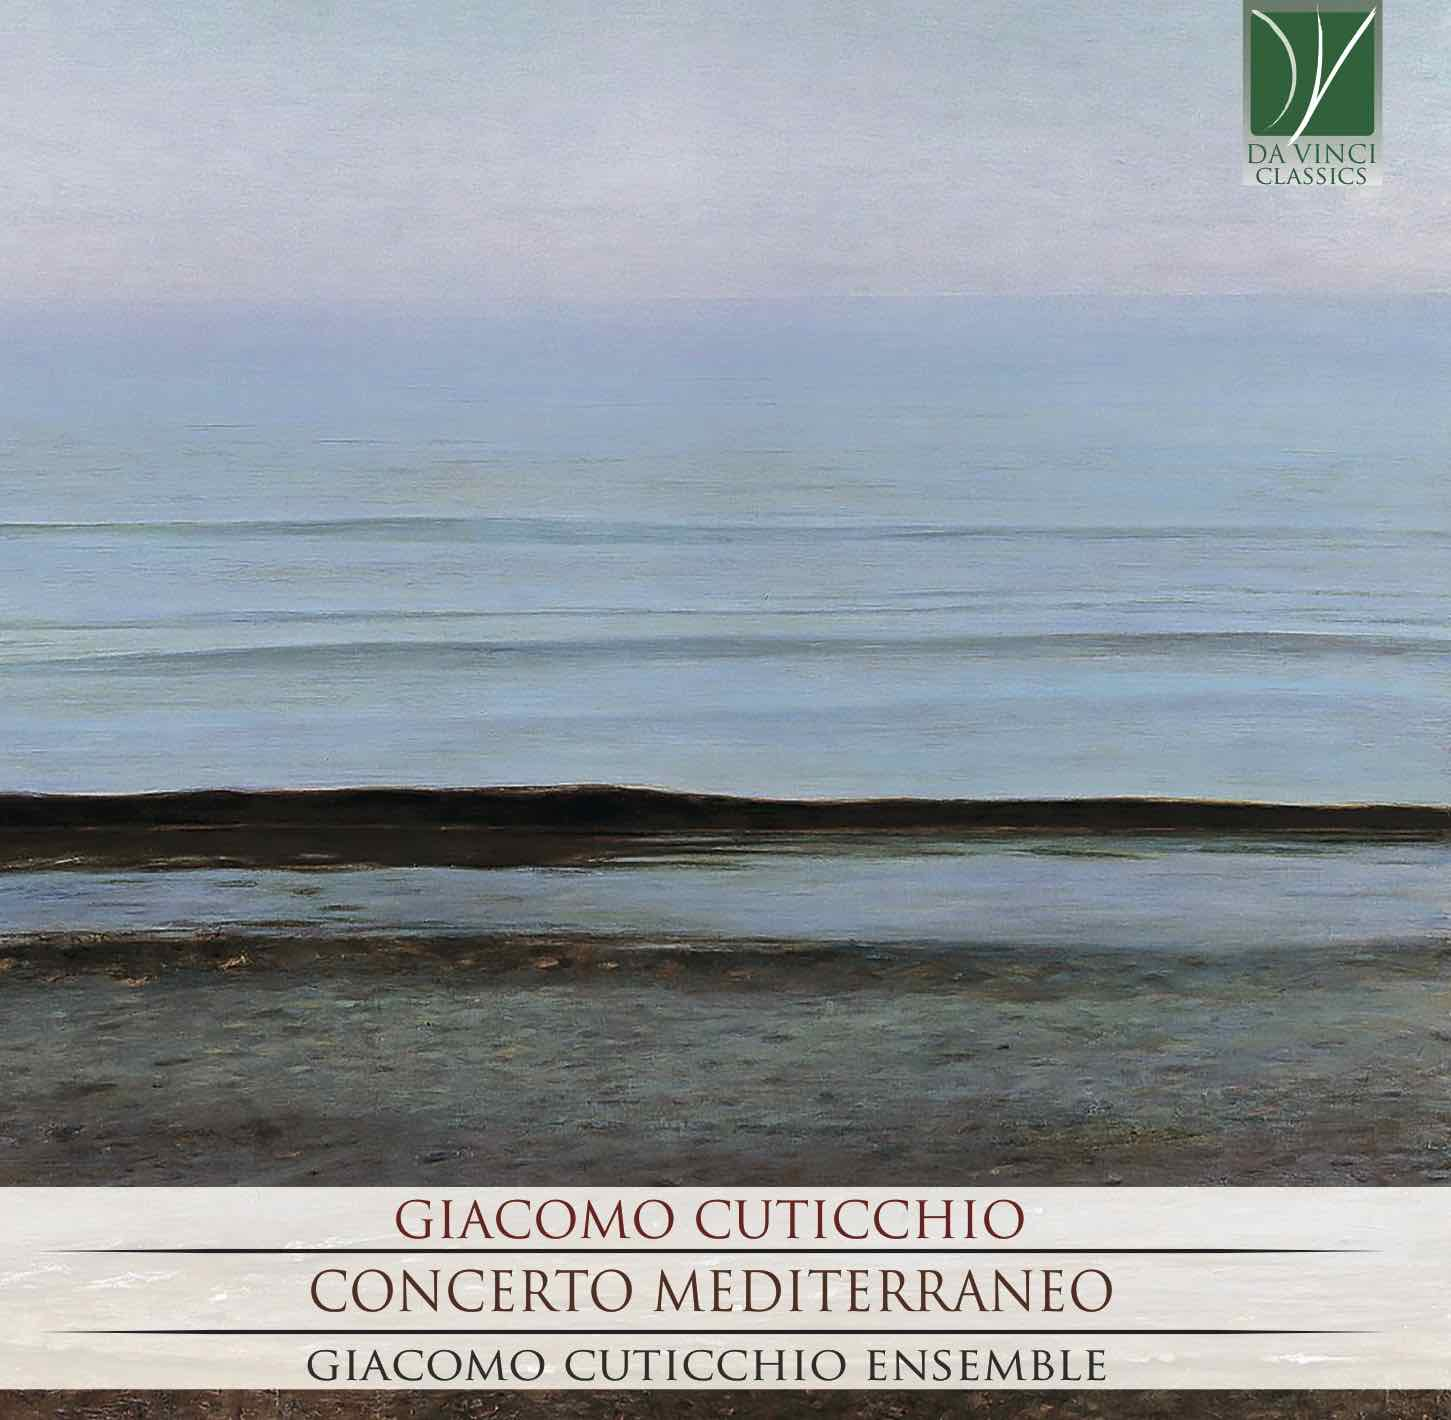 Concerto Mediterraneo